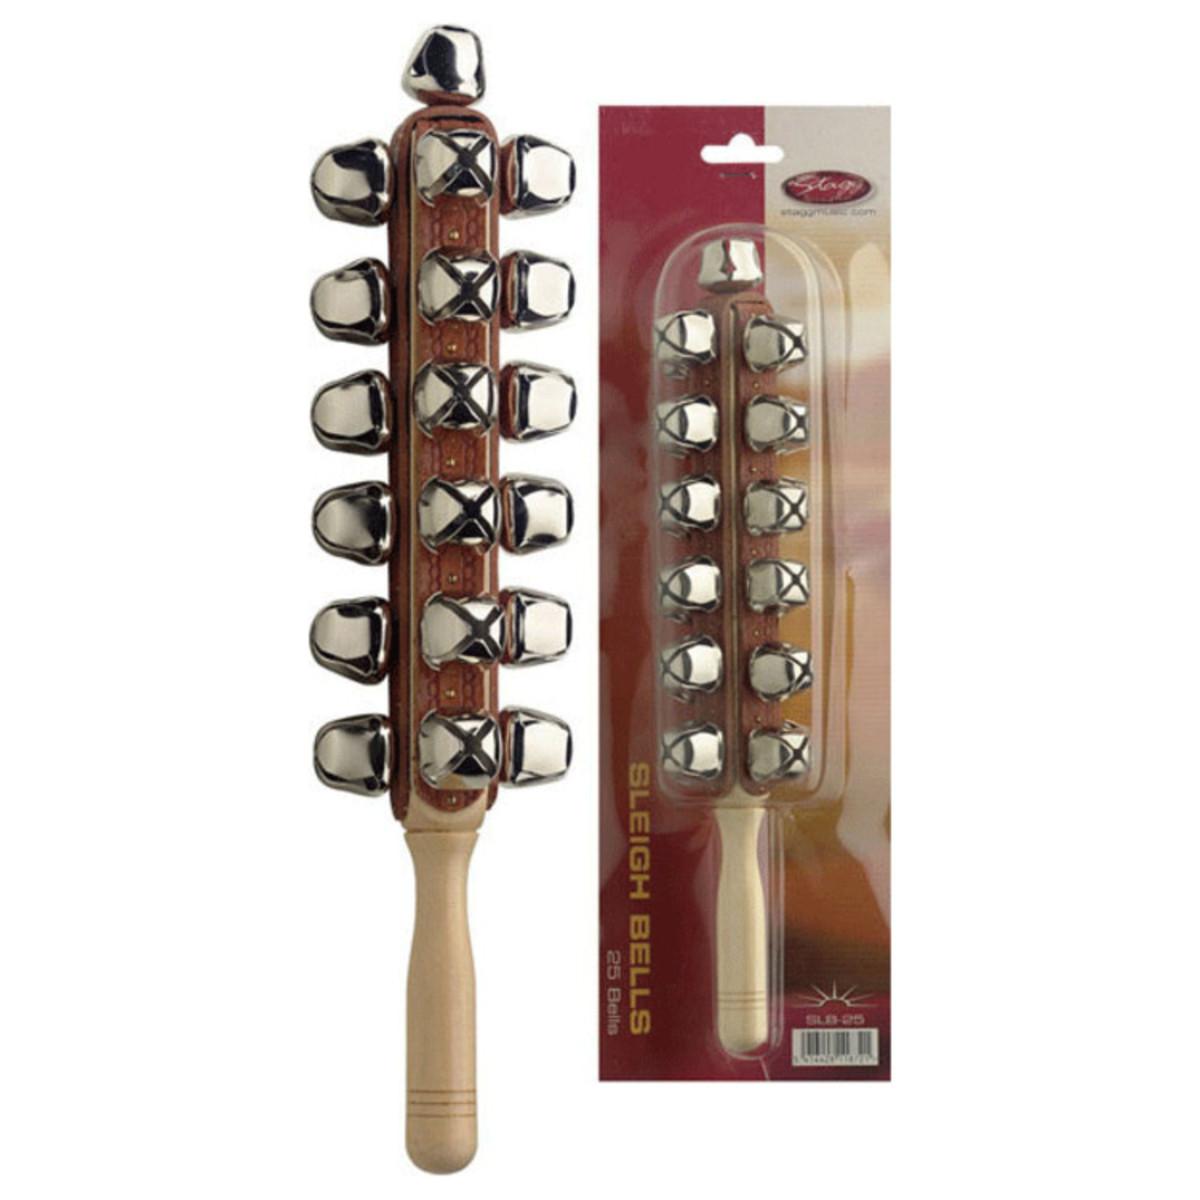 Stagg Sleigh Bell Stick, 25 Bells